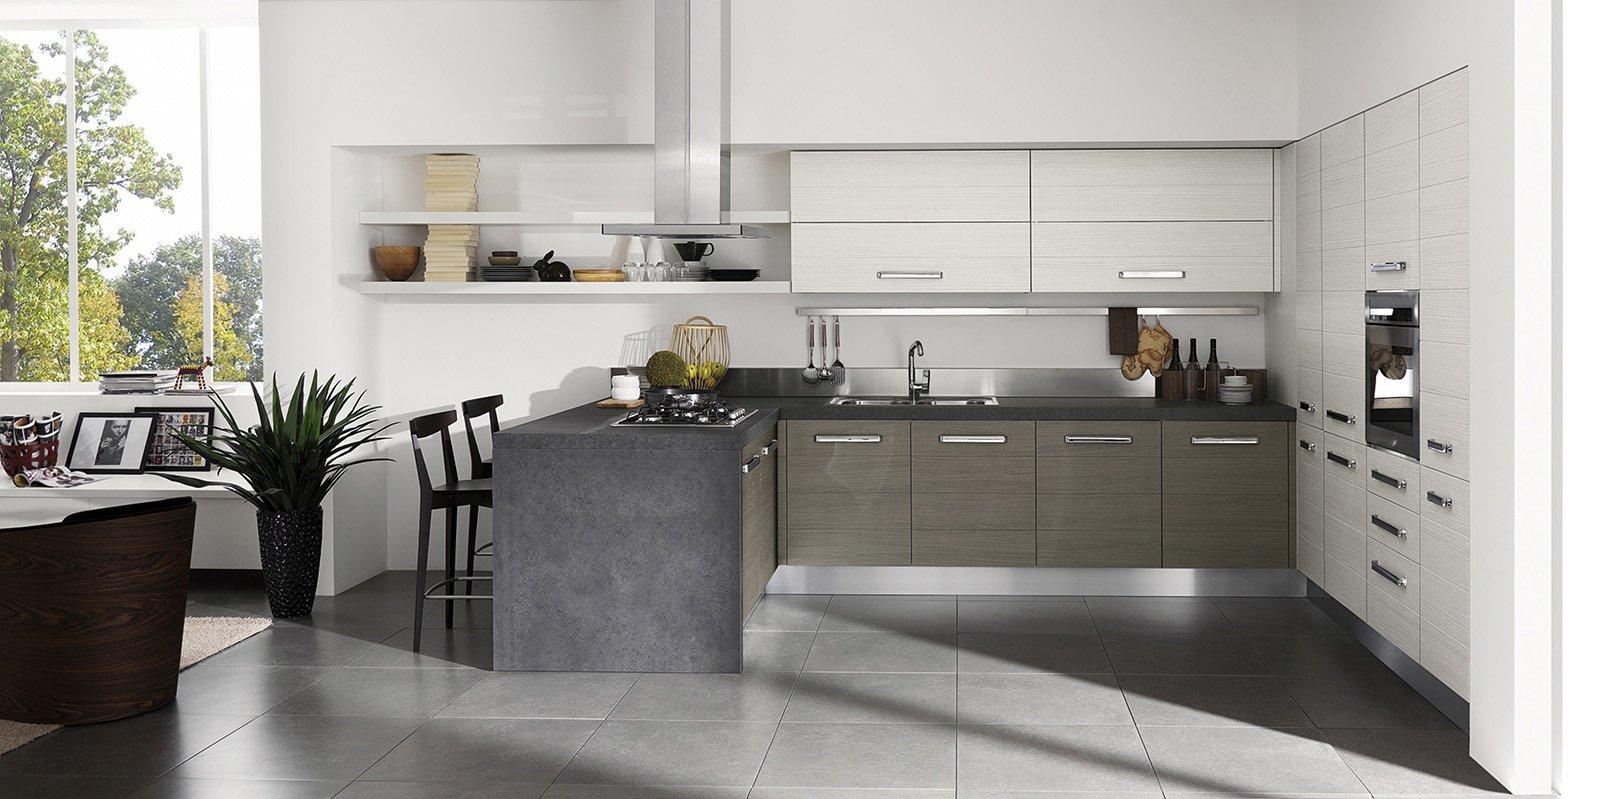 paraspruzzi cucina idee arredamento : moduli di Doga Colours di Aran Cucine hanno le ante in Mdf rivestito ...